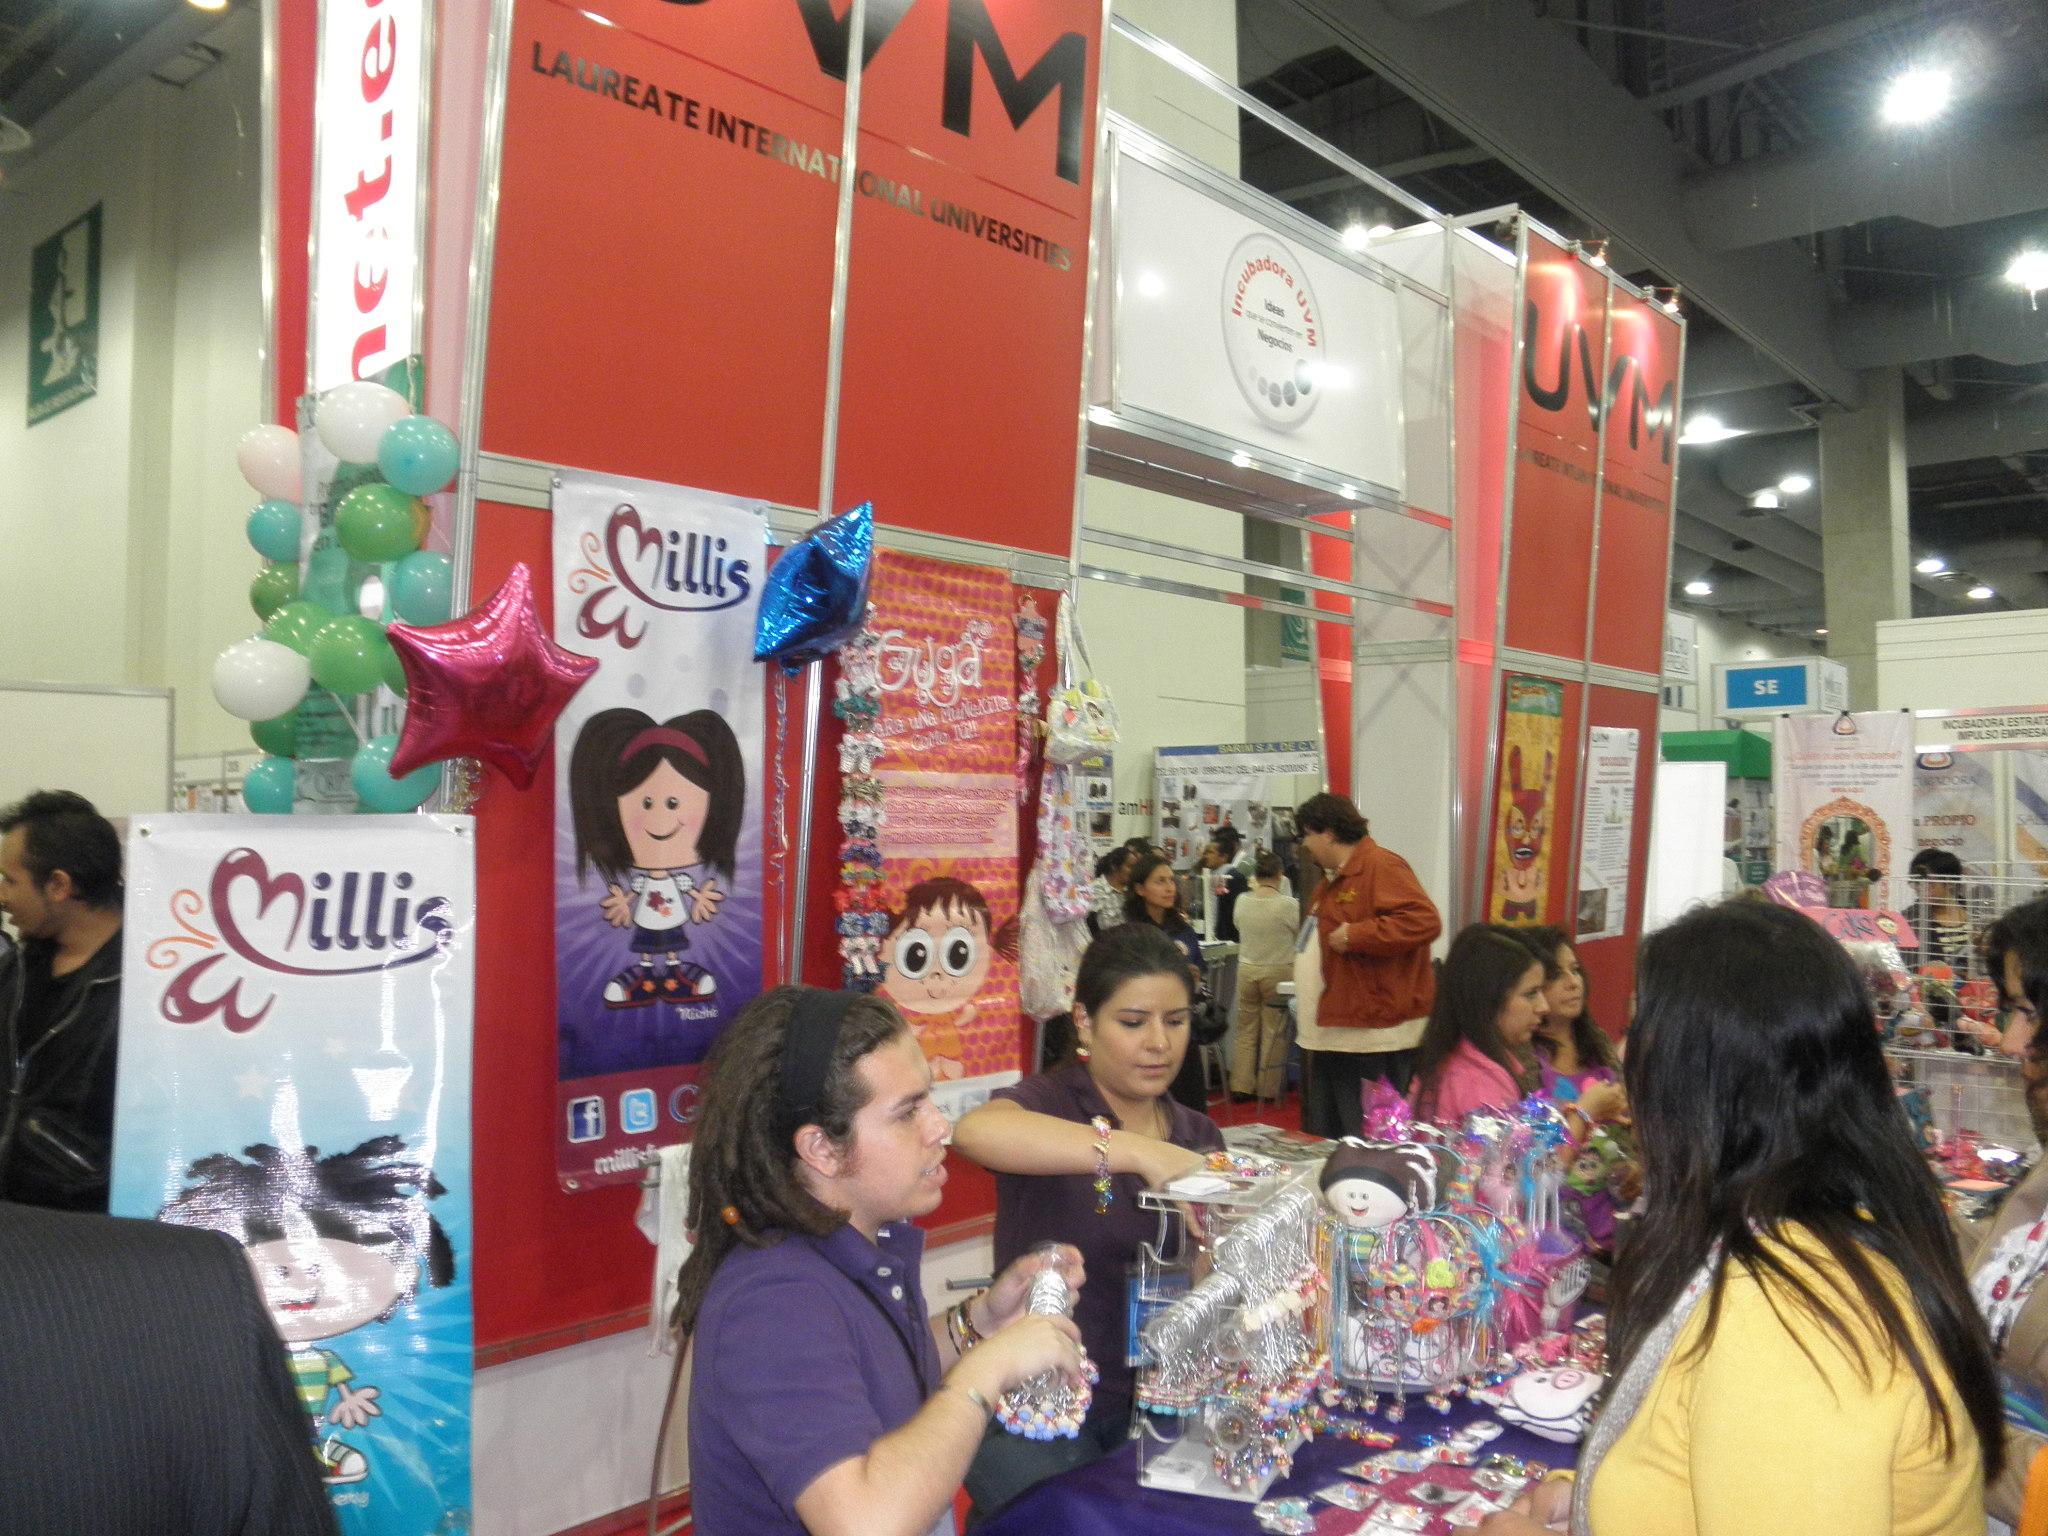 Universidad del valle de mexiico - 1 1